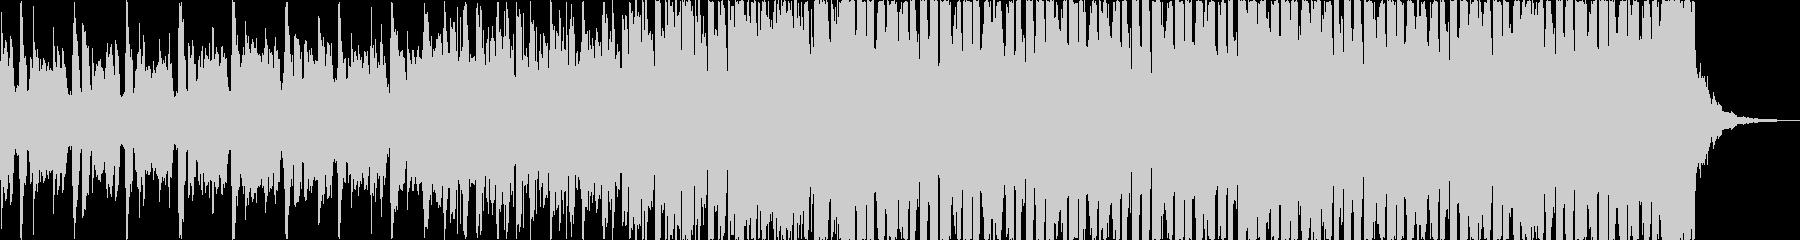 チルアウト幻想的なトロピカルハウスbの未再生の波形